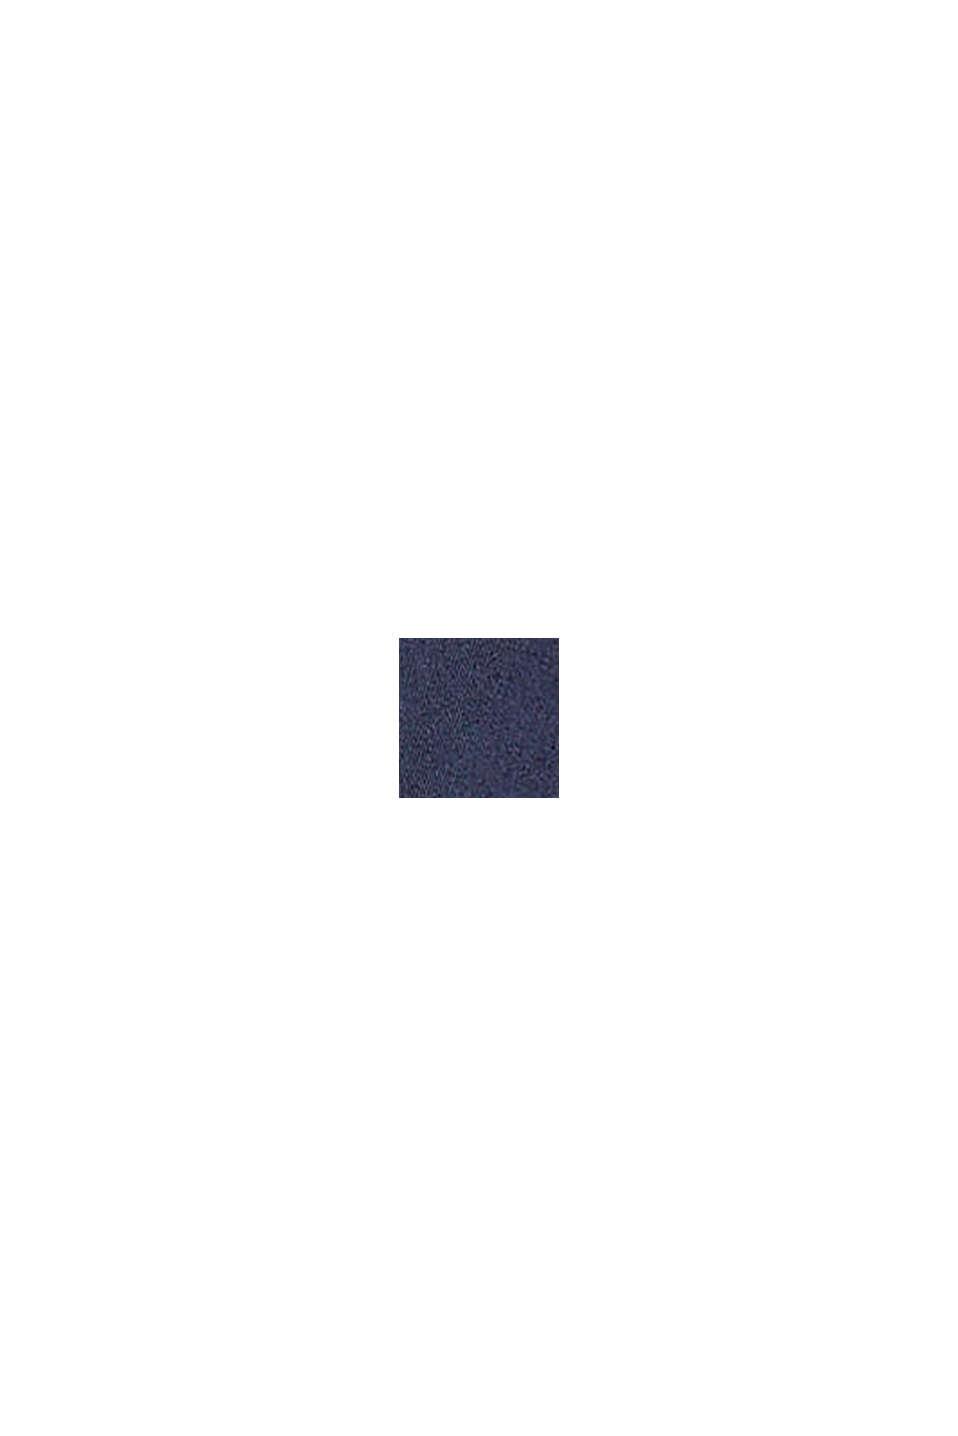 Overshirt imbottita in cotone, DARK BLUE, swatch